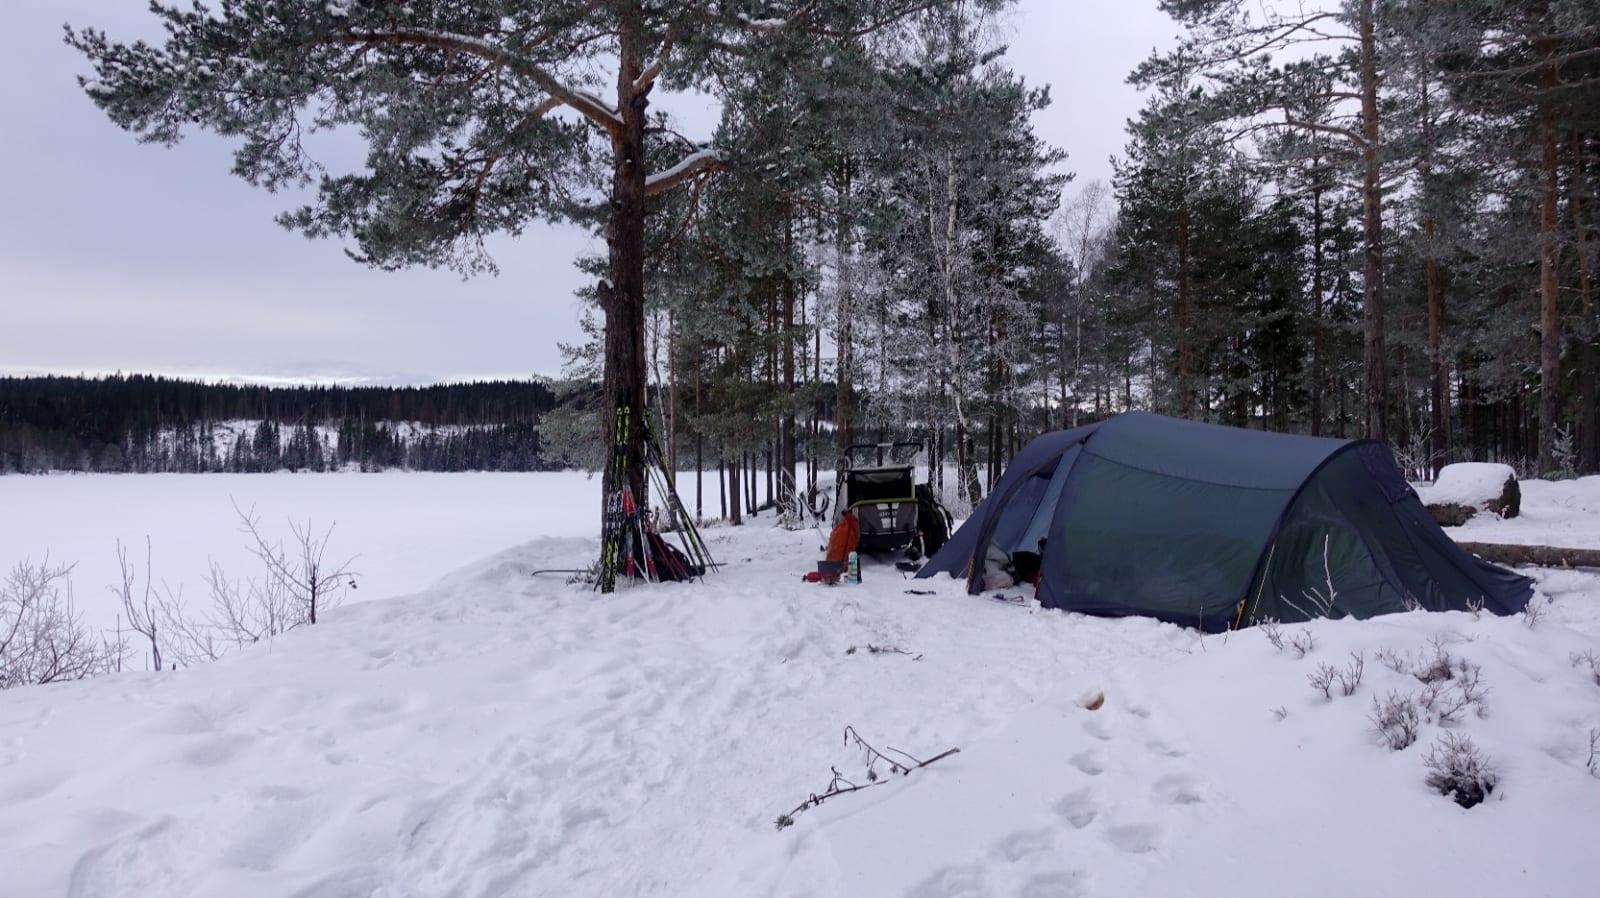 BASEN: Finn deg et sted og slå opp teltet, fyr bål og lag hopp- og akebakke. Litt variasjon i aktiviteter kan være gull verdt om fisken ikke biter.